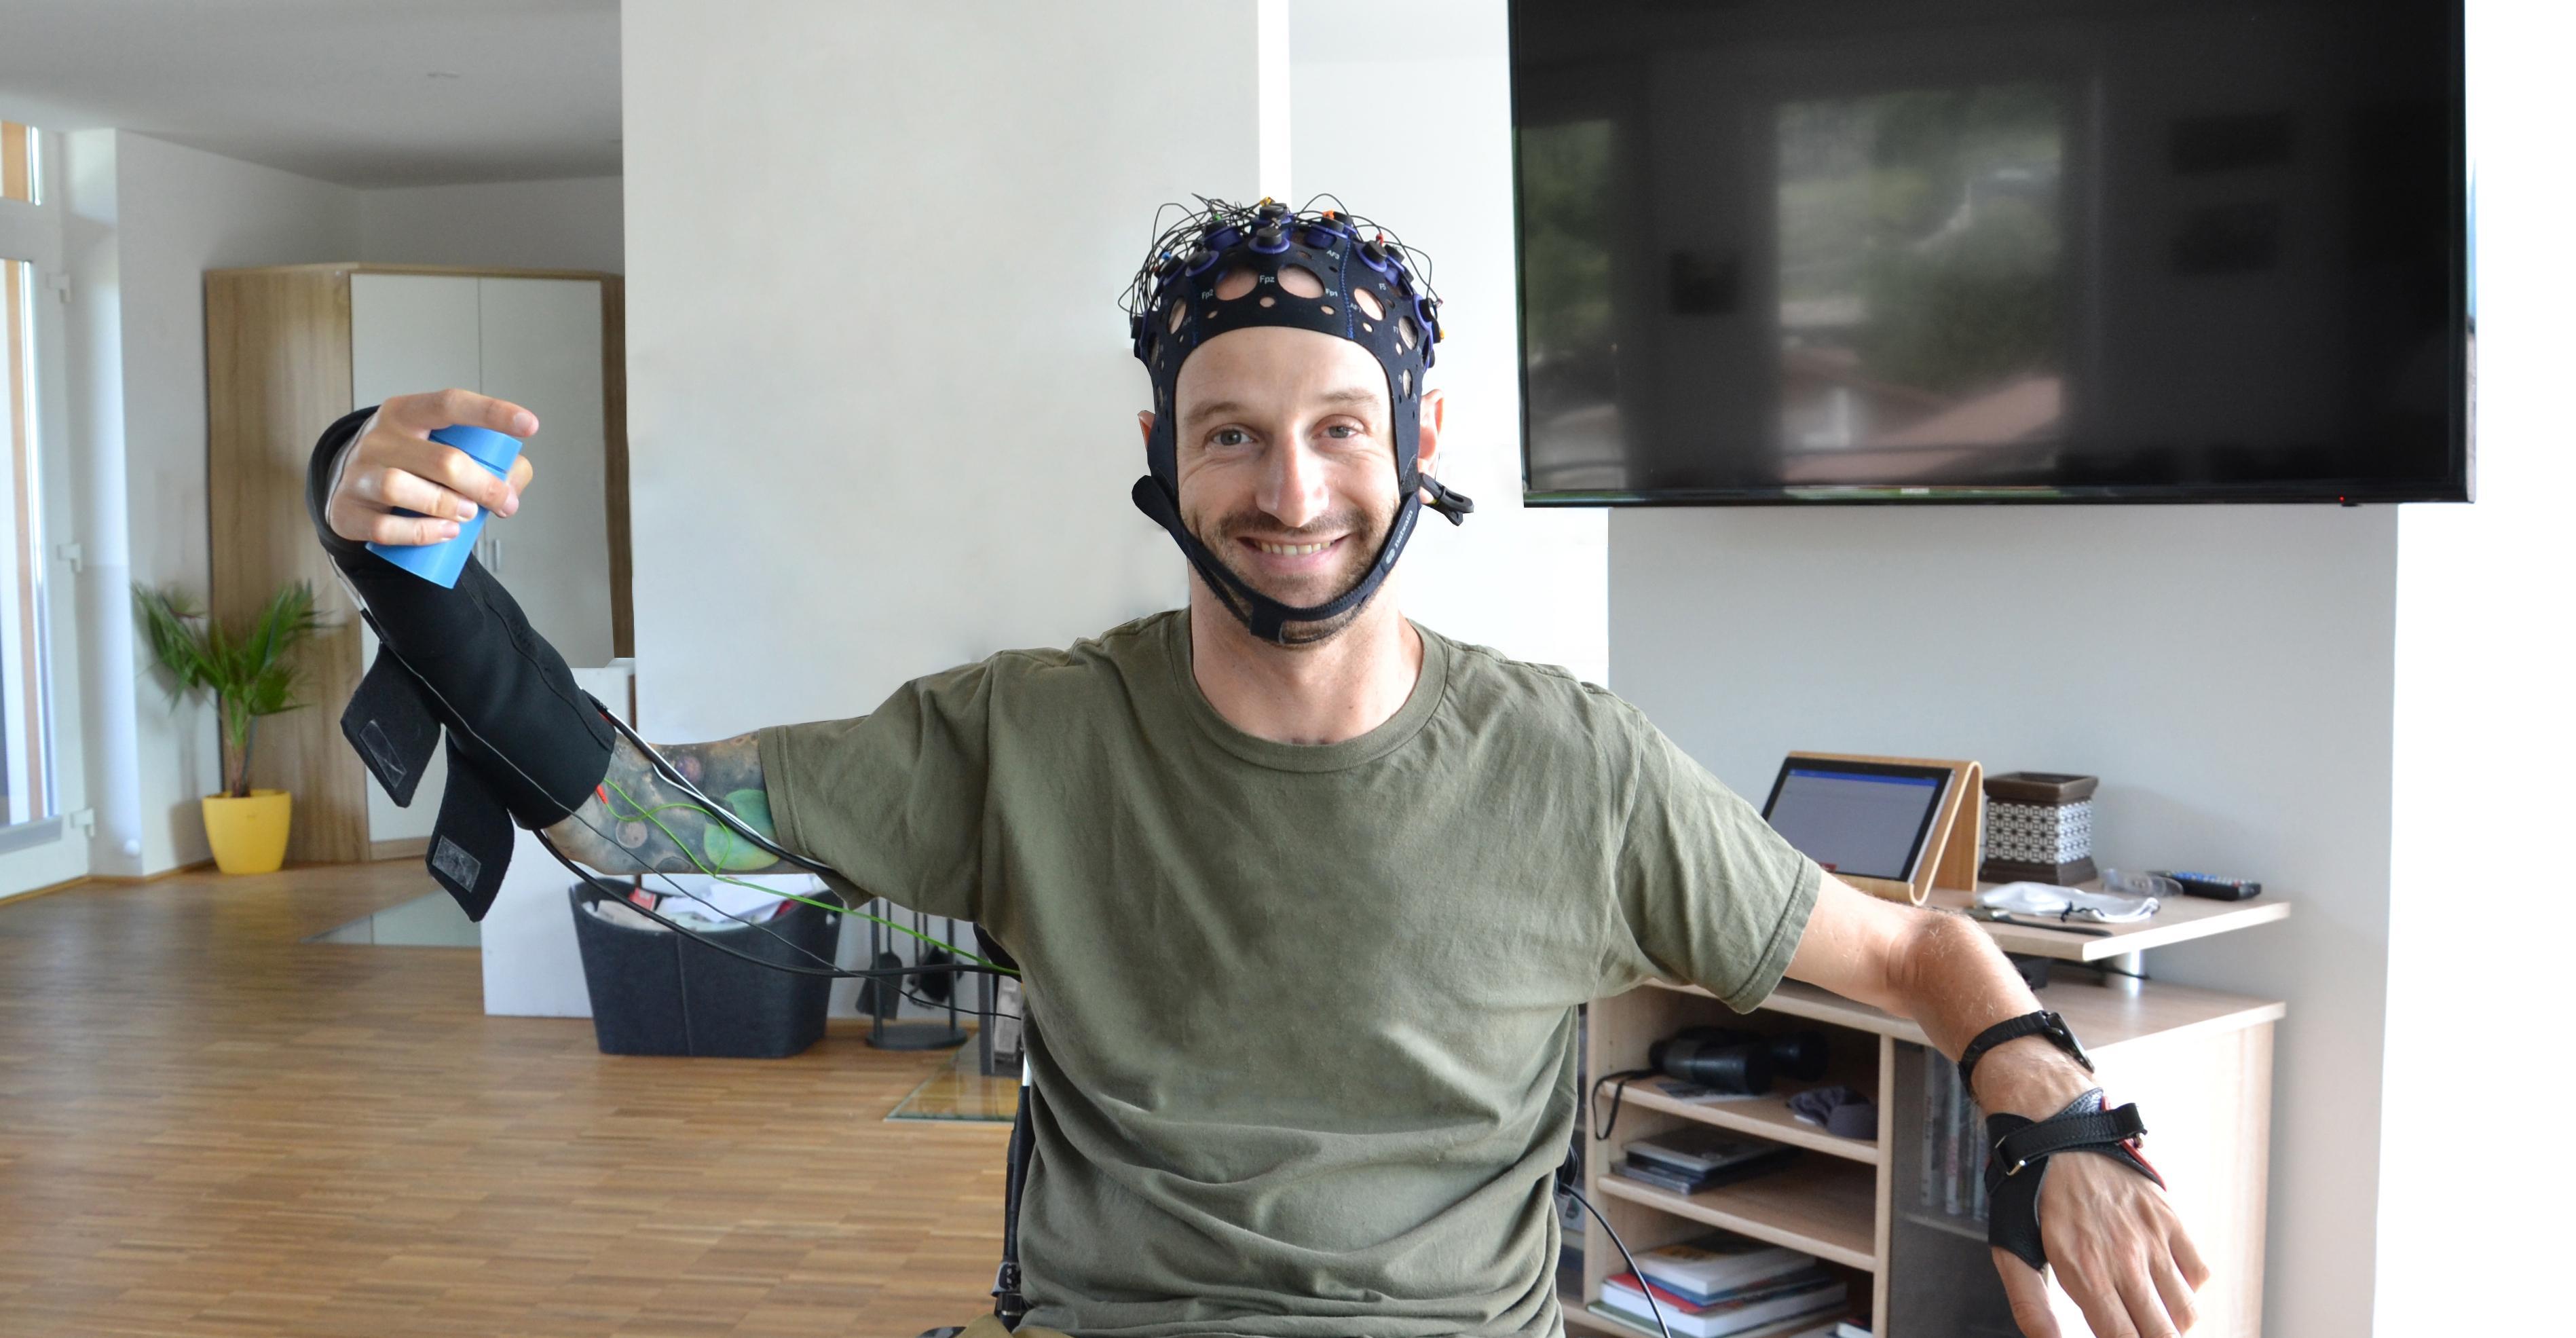 Как нейроинтерфейсы помогают контролировать себя